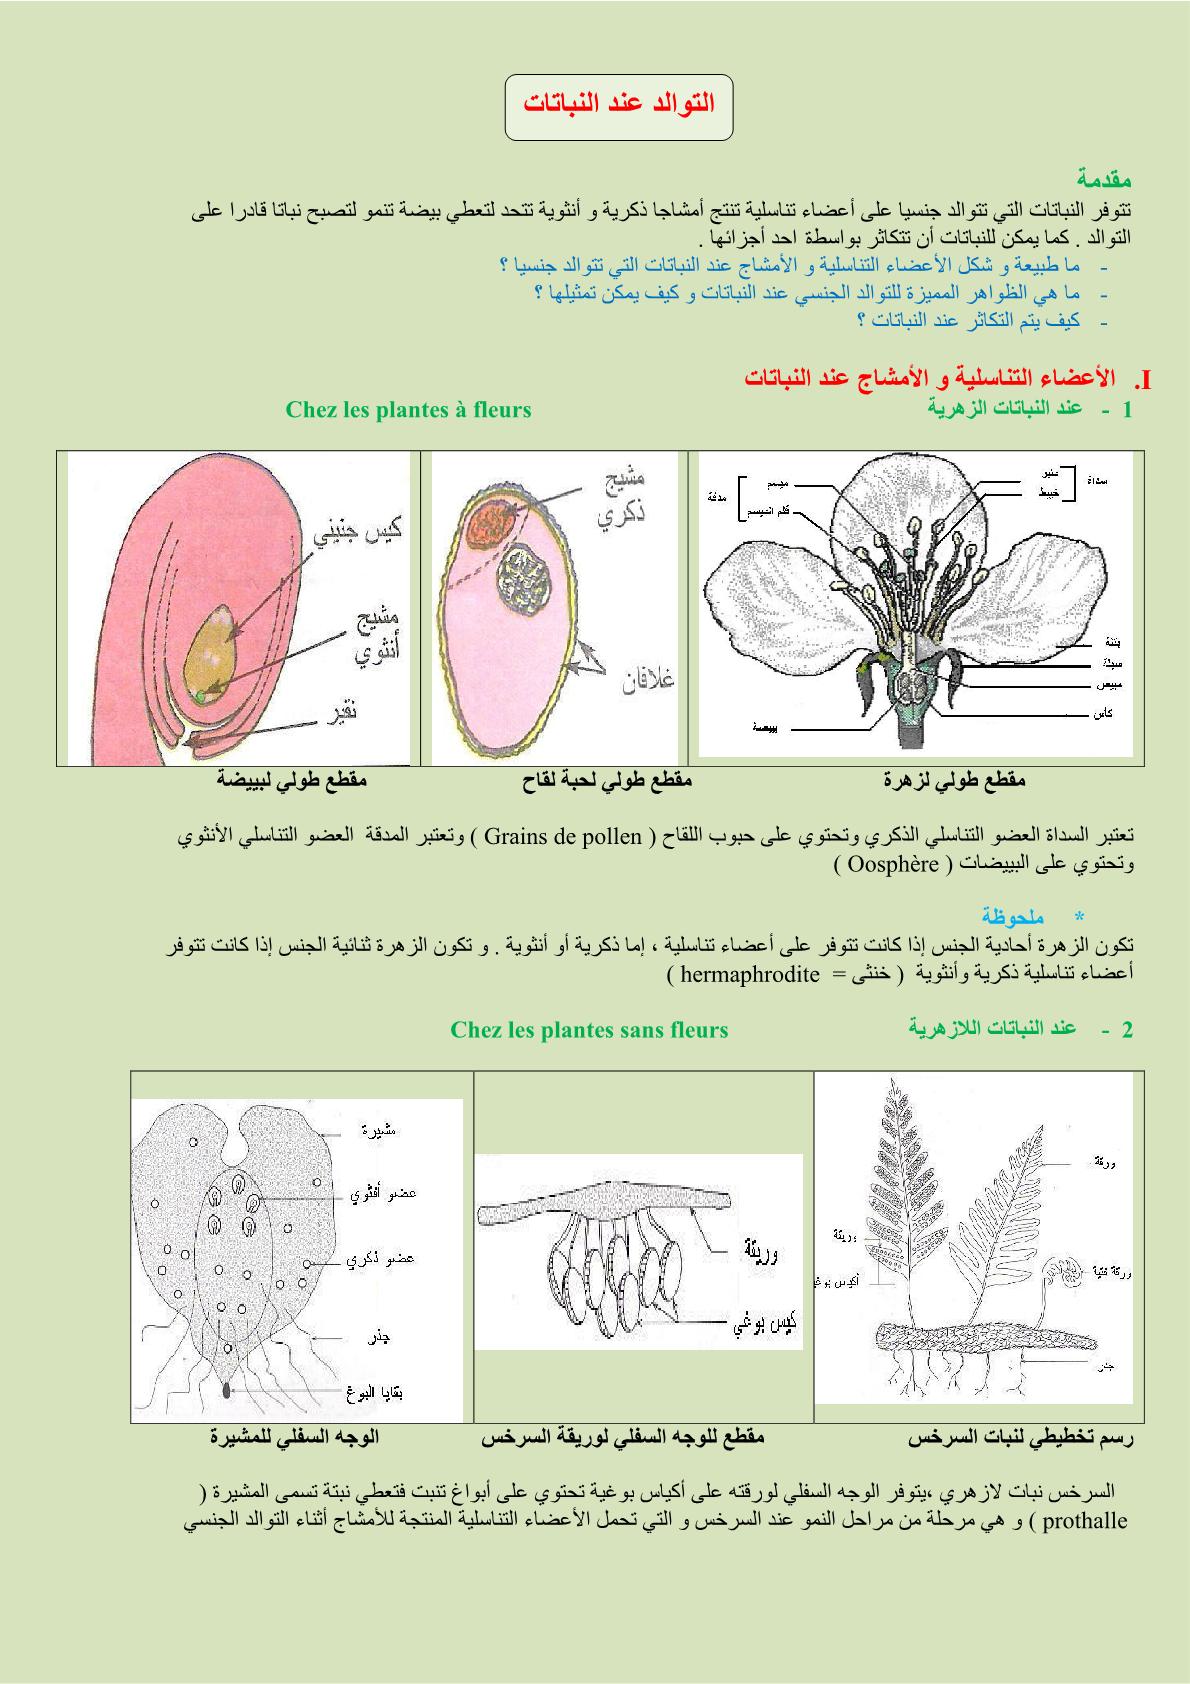 درس التوالد عند النباتات للسنة الثانية إعدادي